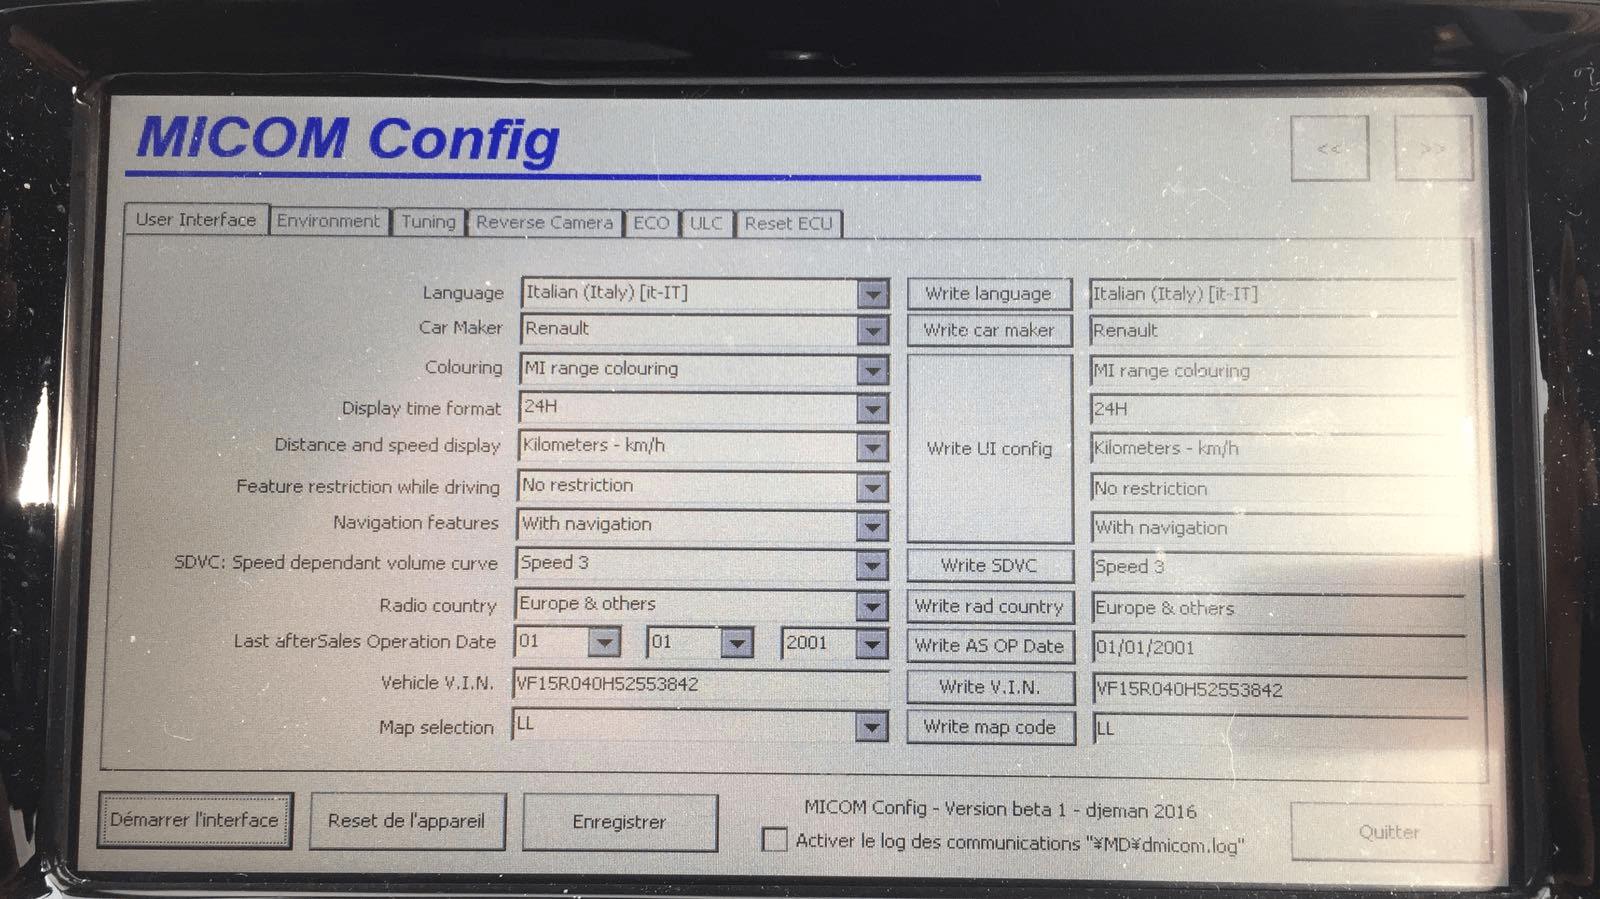 [GUIDA MN1] Attivazione retrocamera MN1 (senza tornare alla versione 4.0.3) e cambio schermata rapido